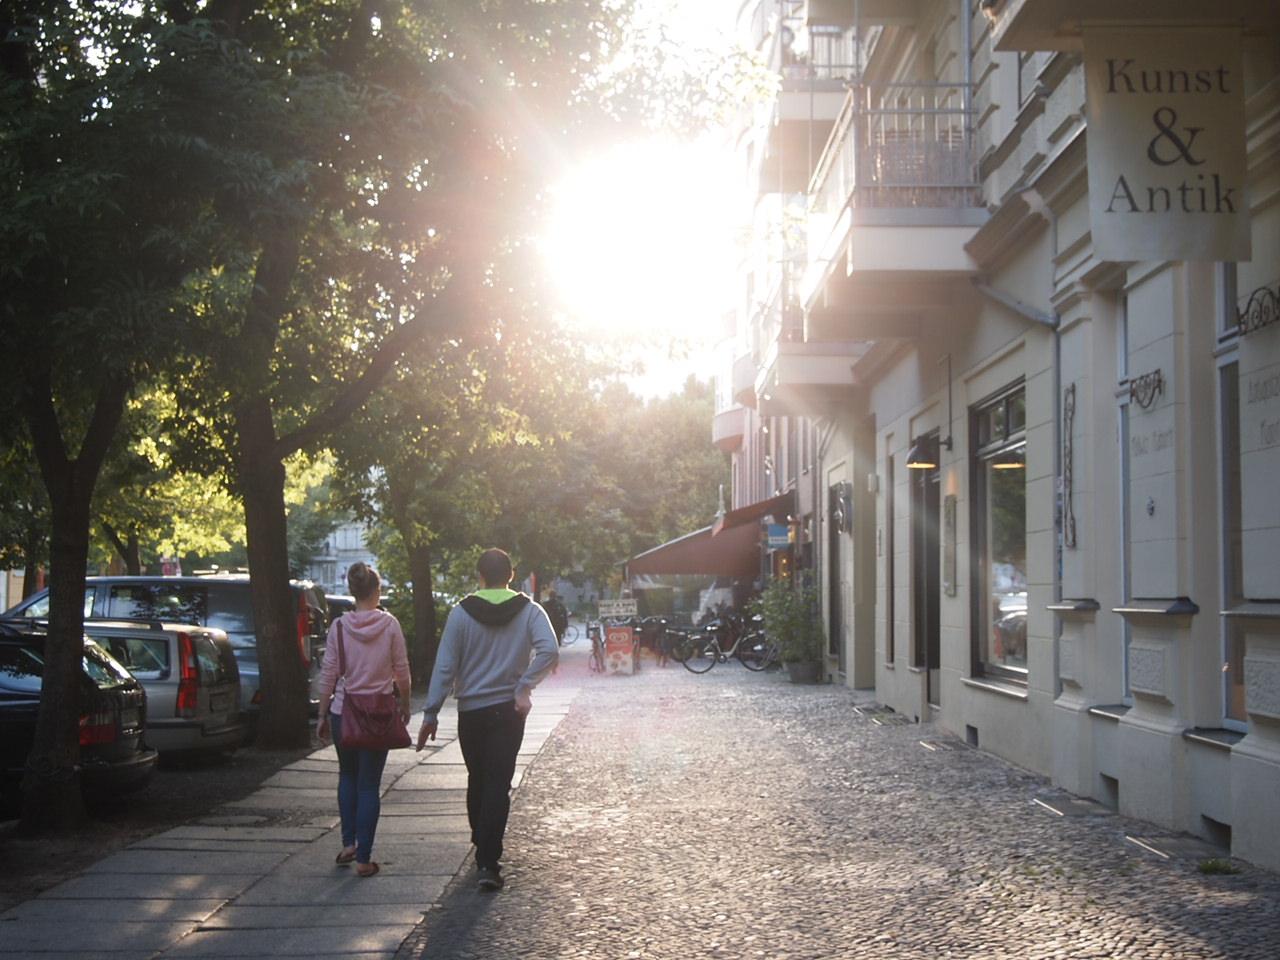 アートと自然の多いベルリンの街並み